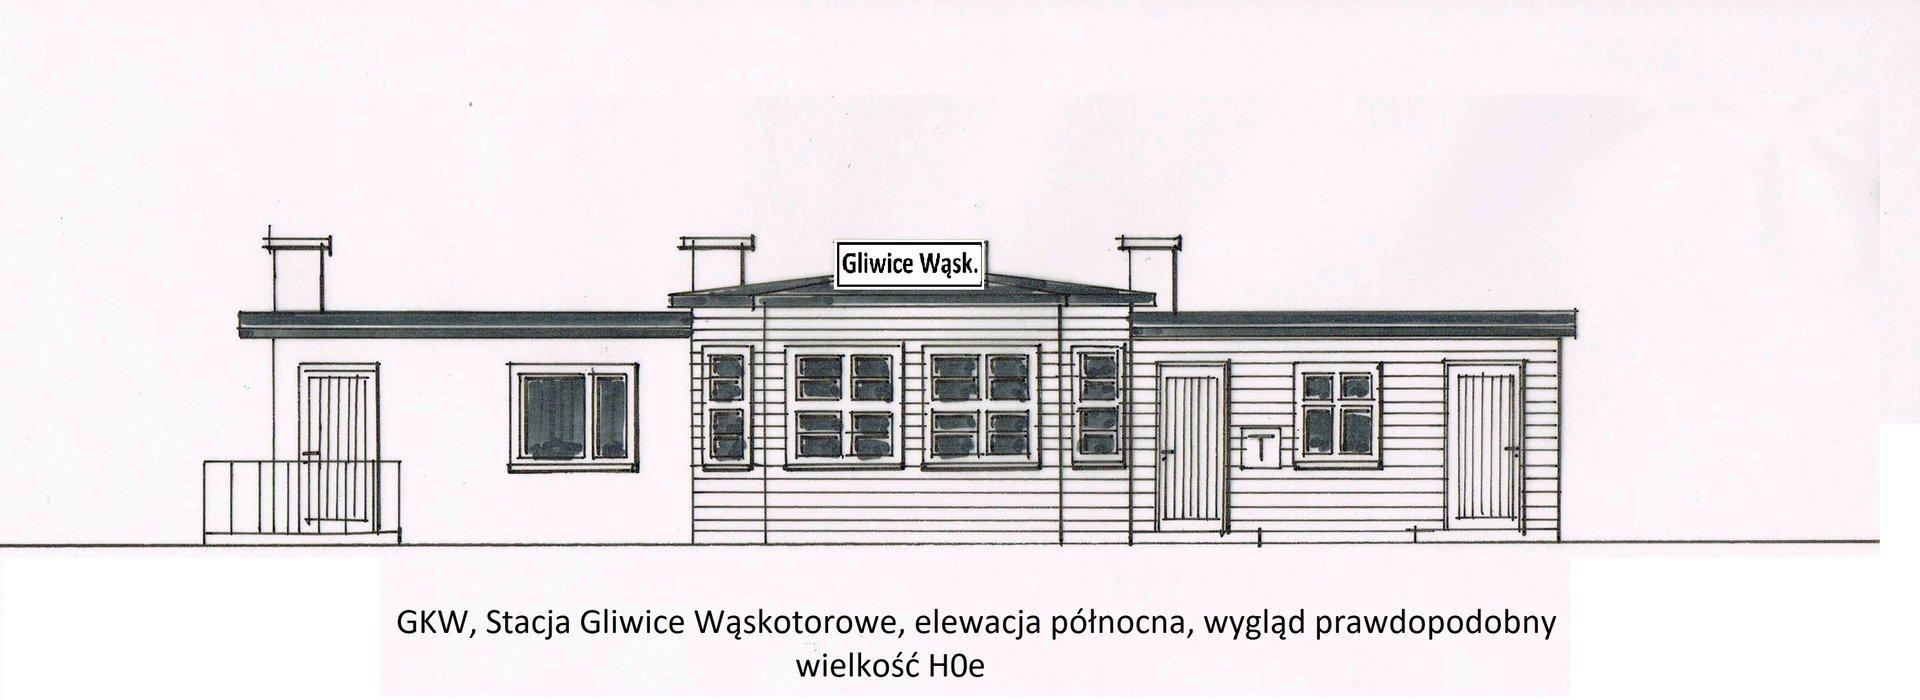 Gliwice Wąsk._Elewacja od strony torów.jpg